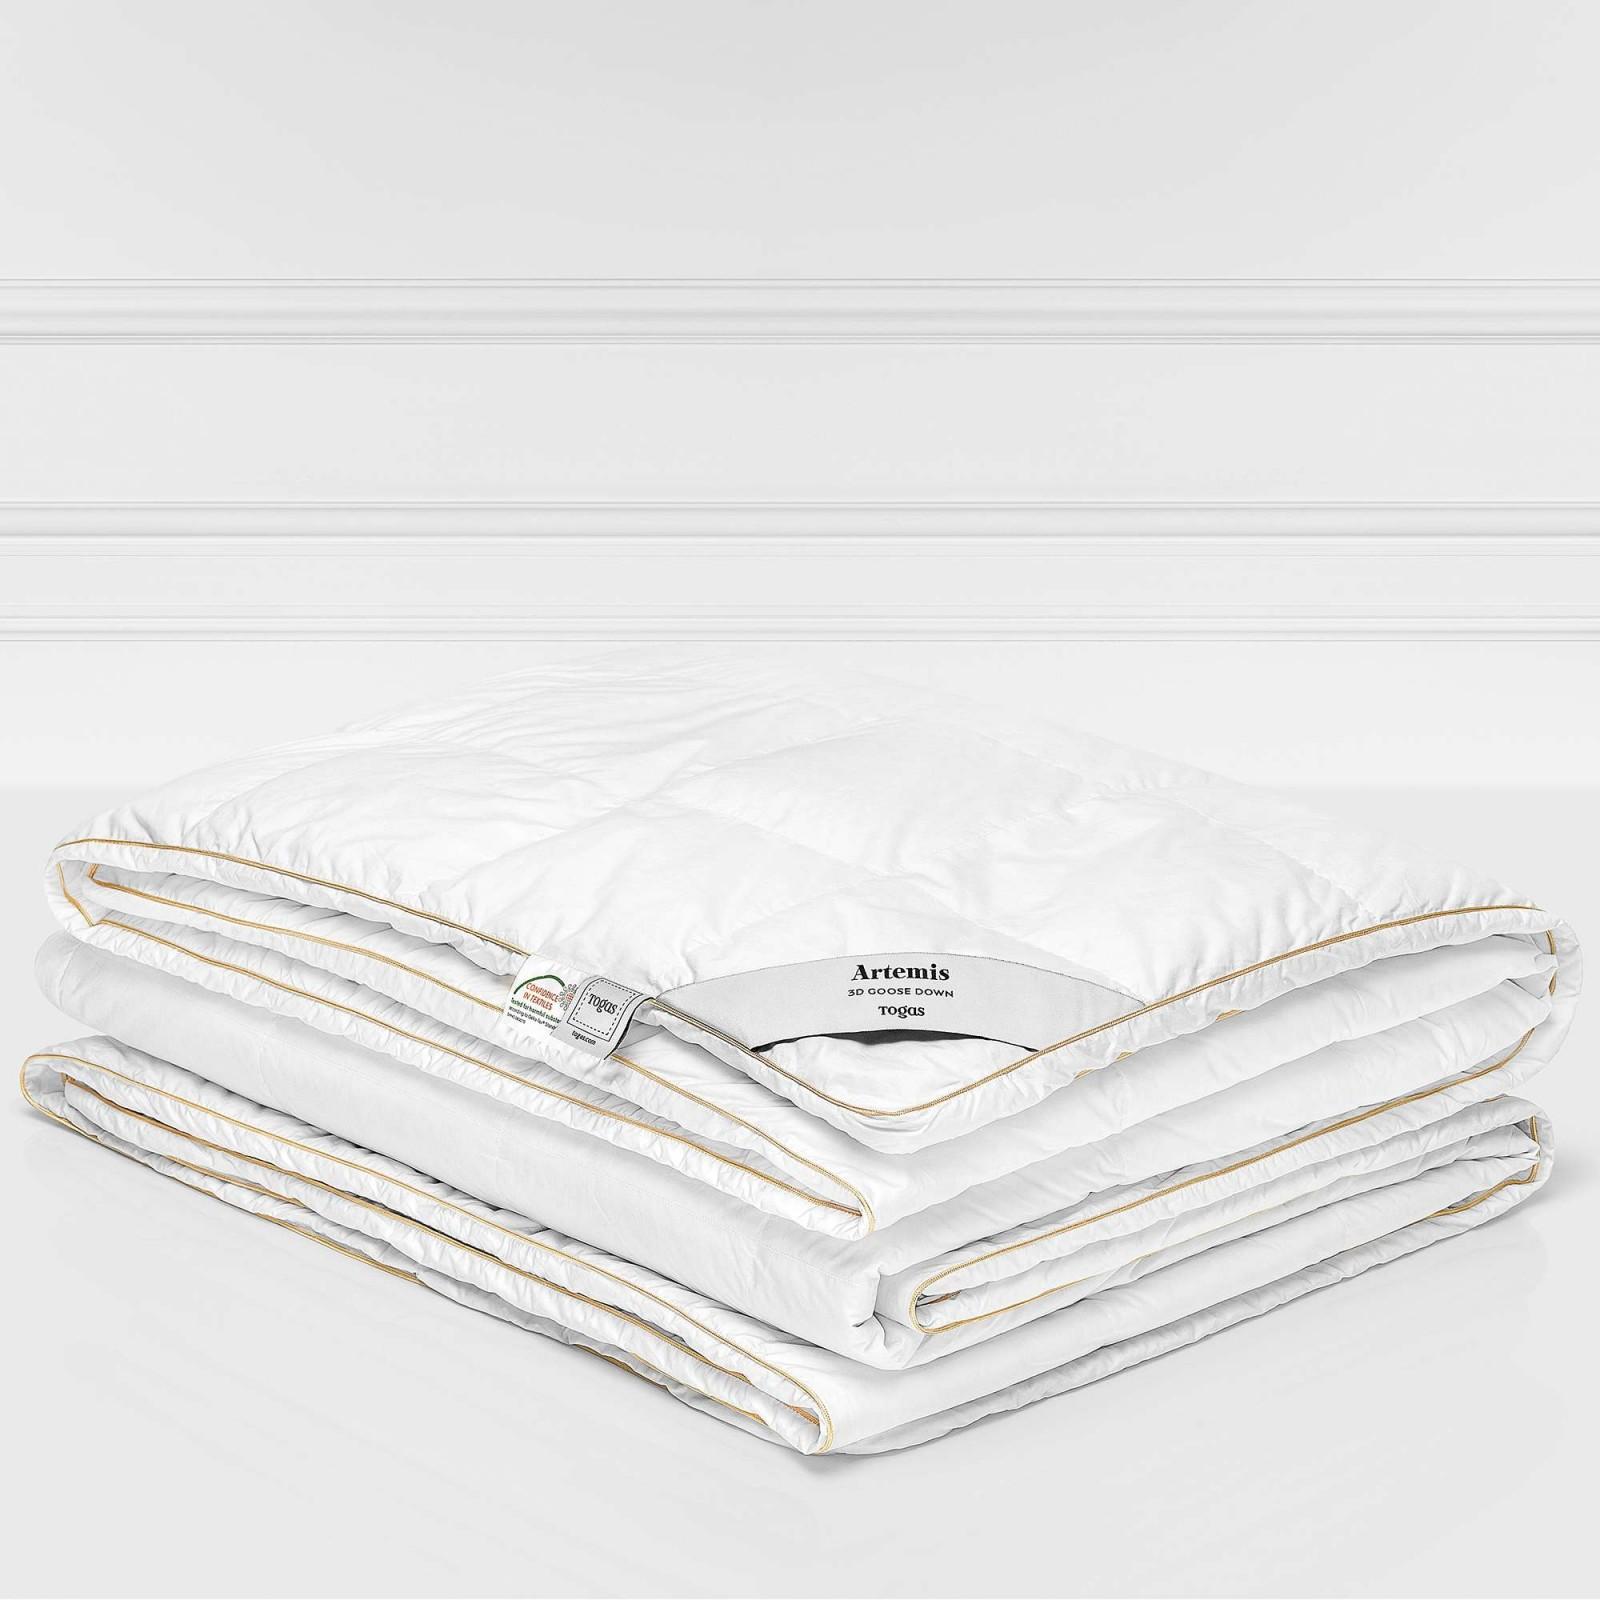 Одеяла Togas Одеяло Артемис Легкое (140х200 см) одеяла togas одеяло гелиос 220х240 см